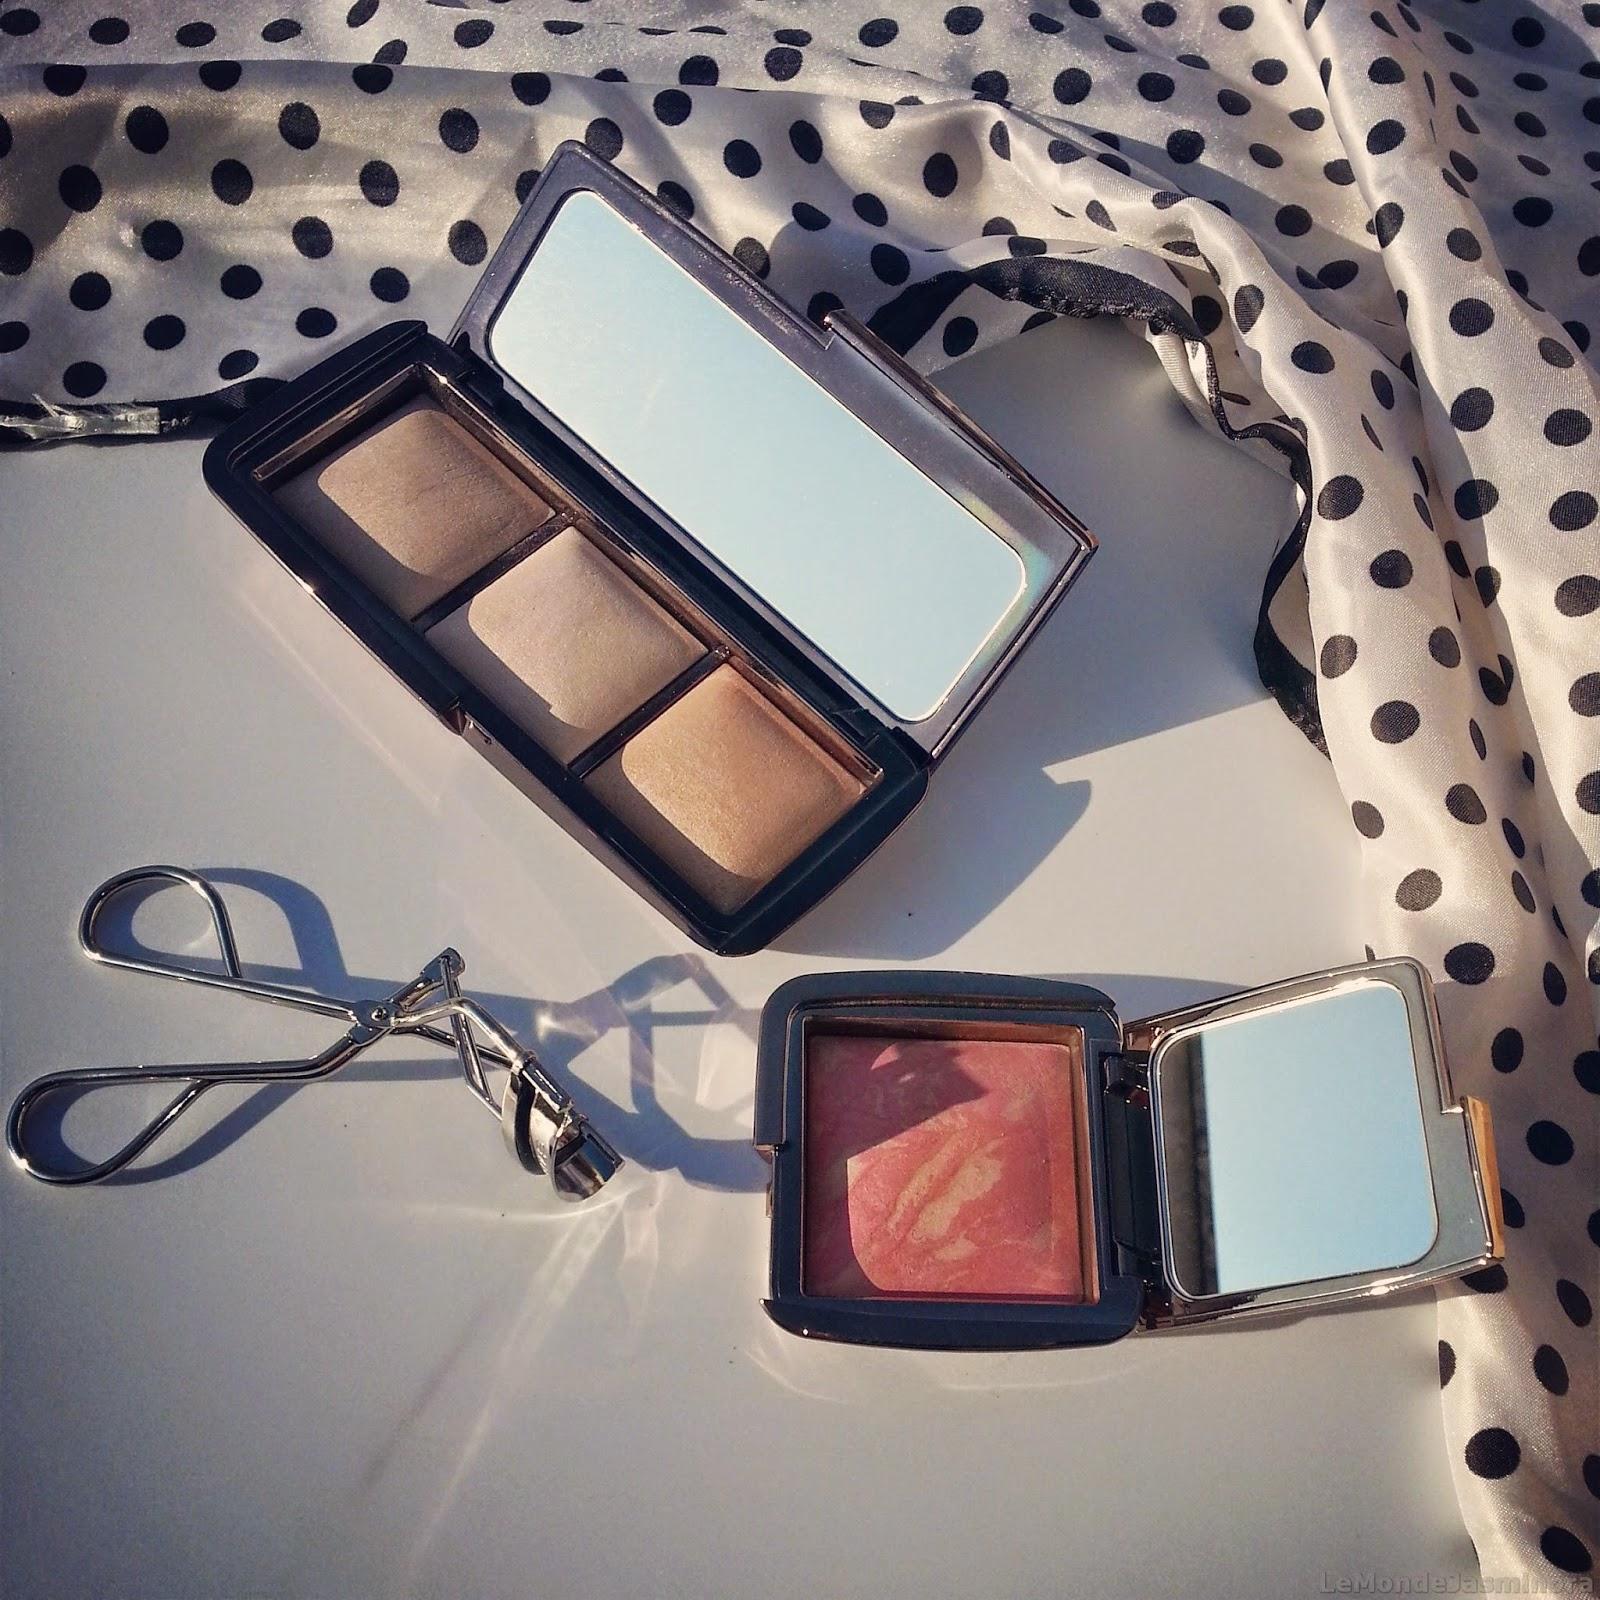 HOURGLASS, Hourglass Ambient Lighting palette, hourglass luminous flush, shu uemura eyelash curler,